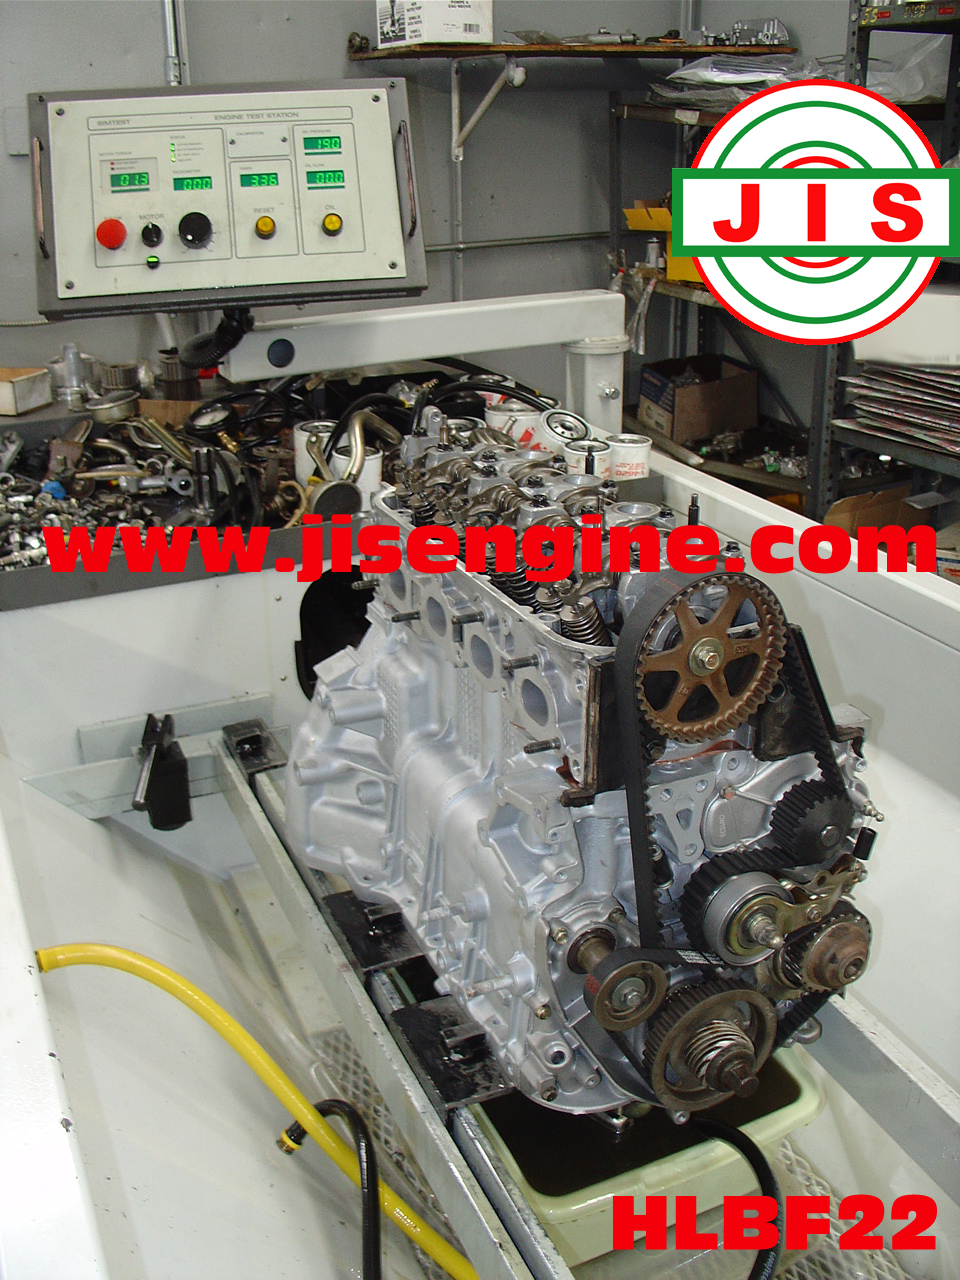 2010 honda civic manual transmission